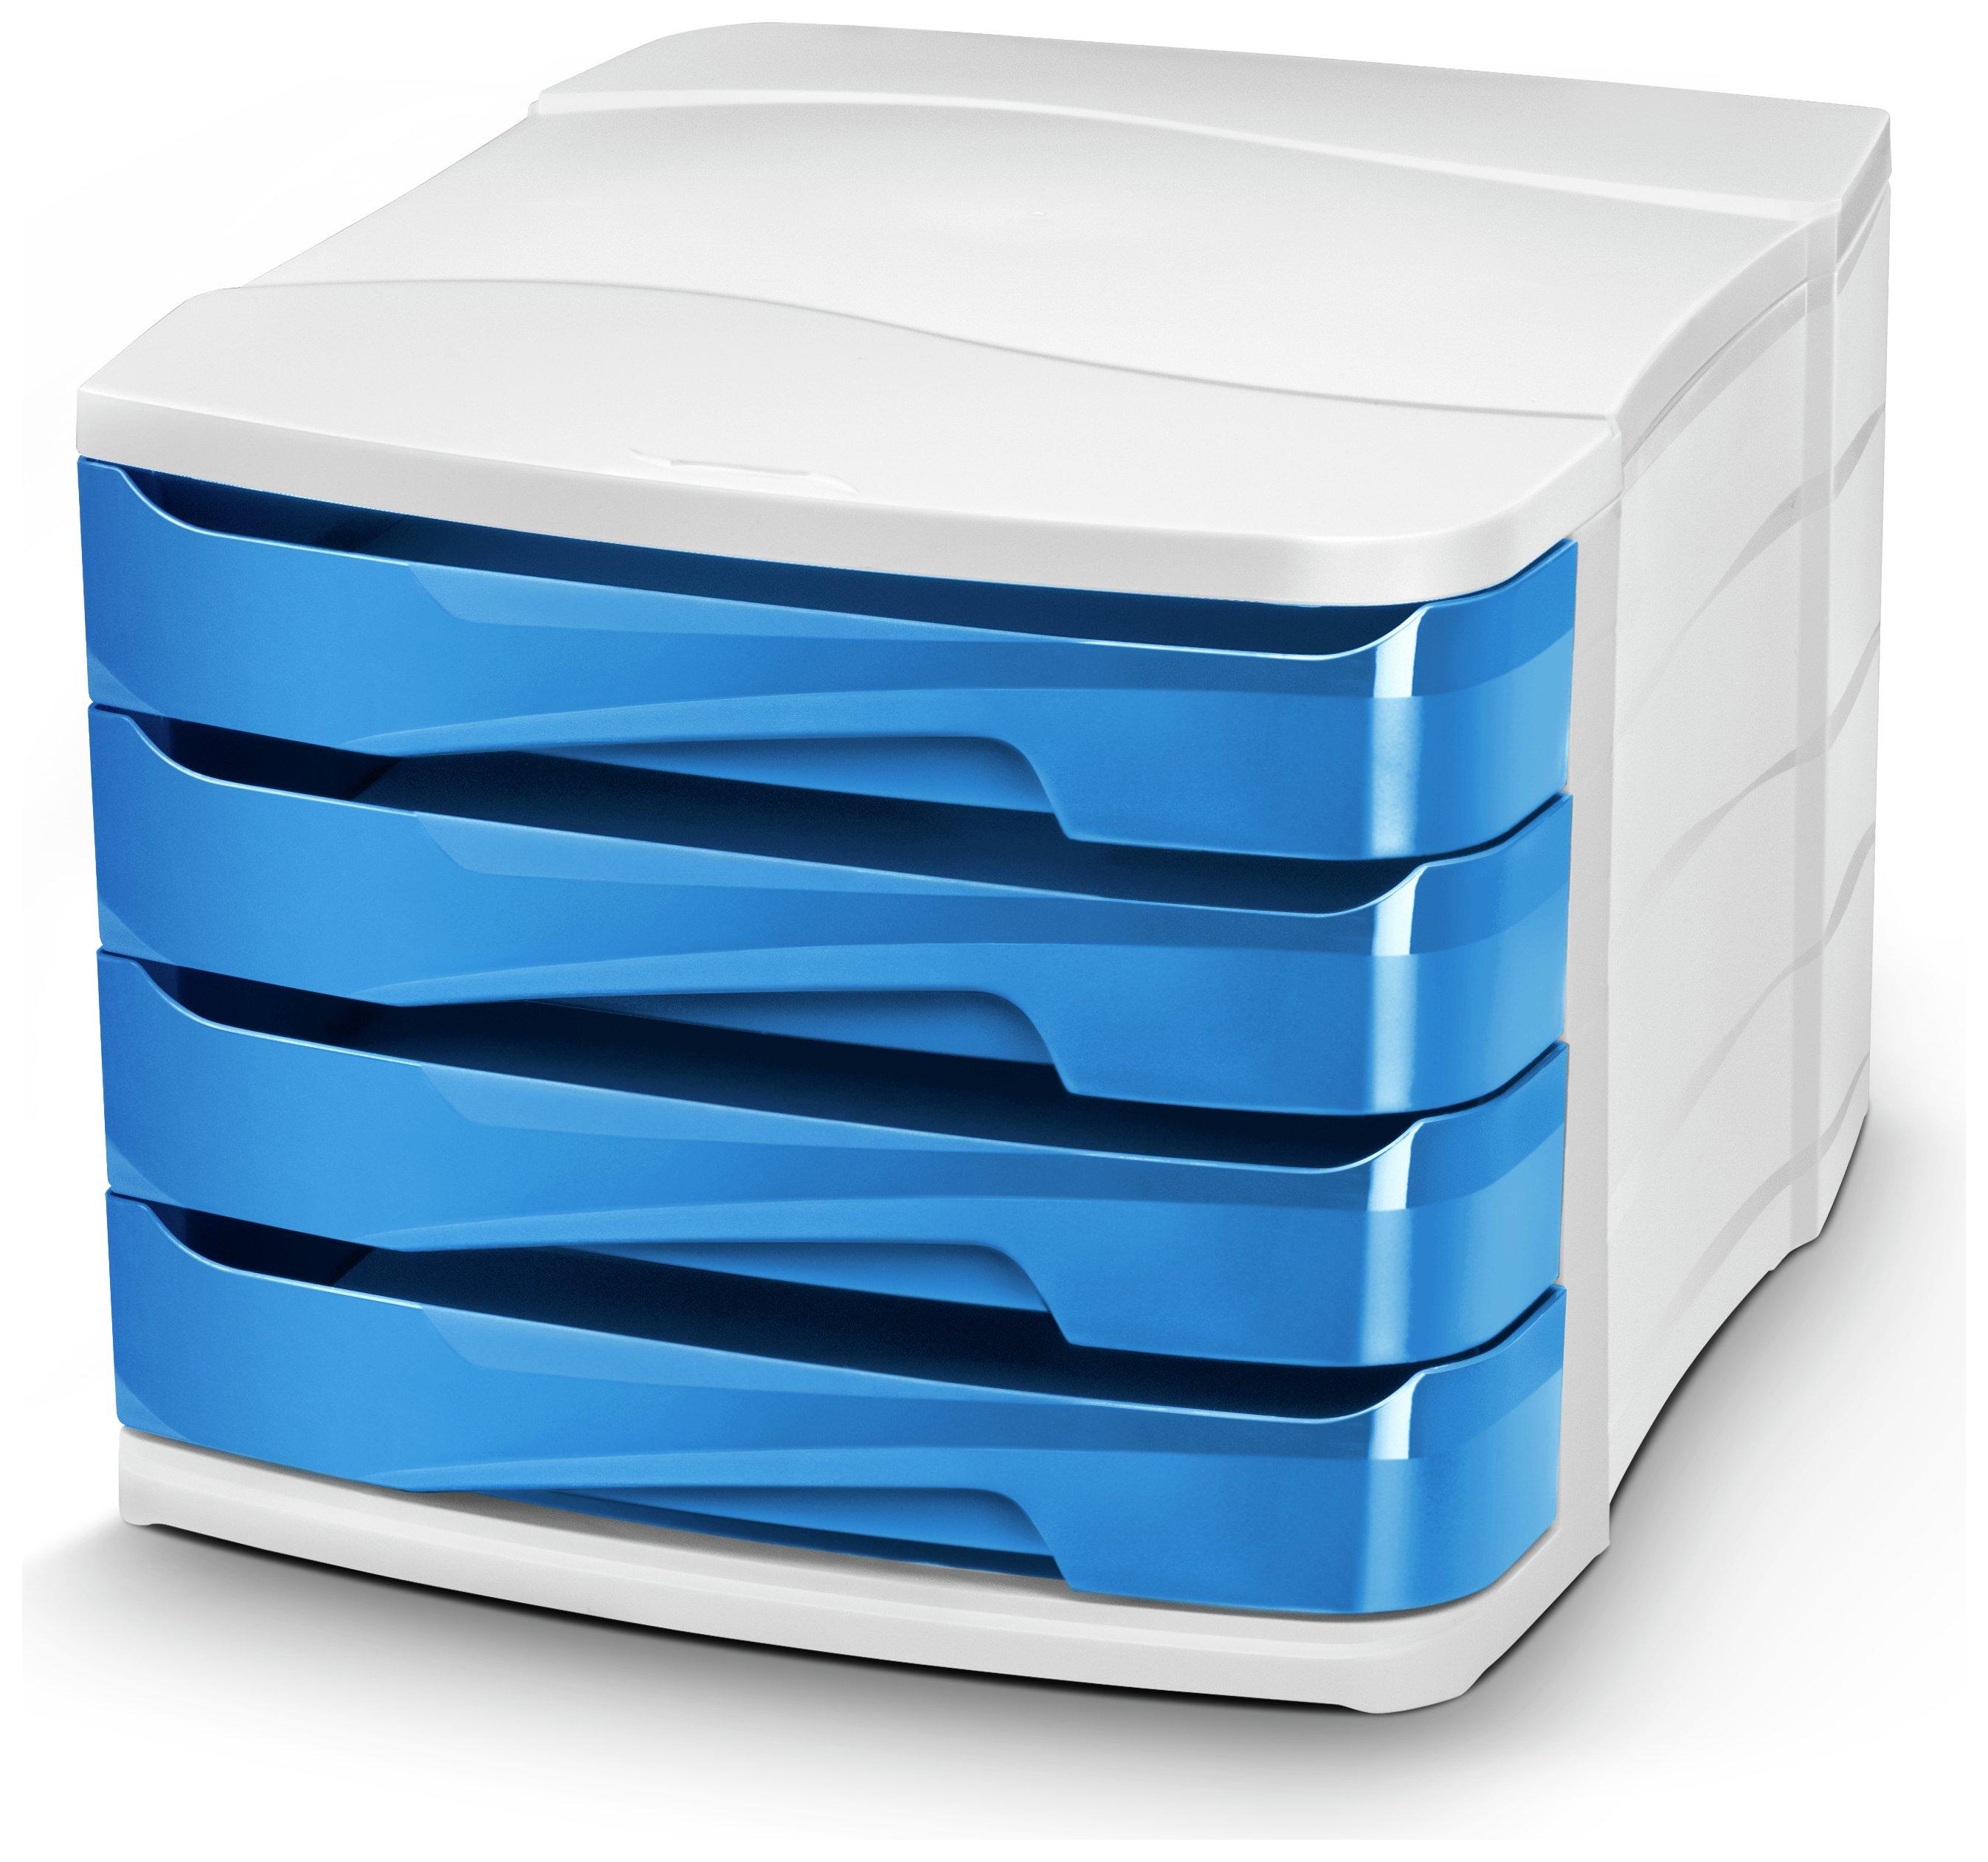 Image of CEP Ocean Blue Desktop Storage - Set of 4